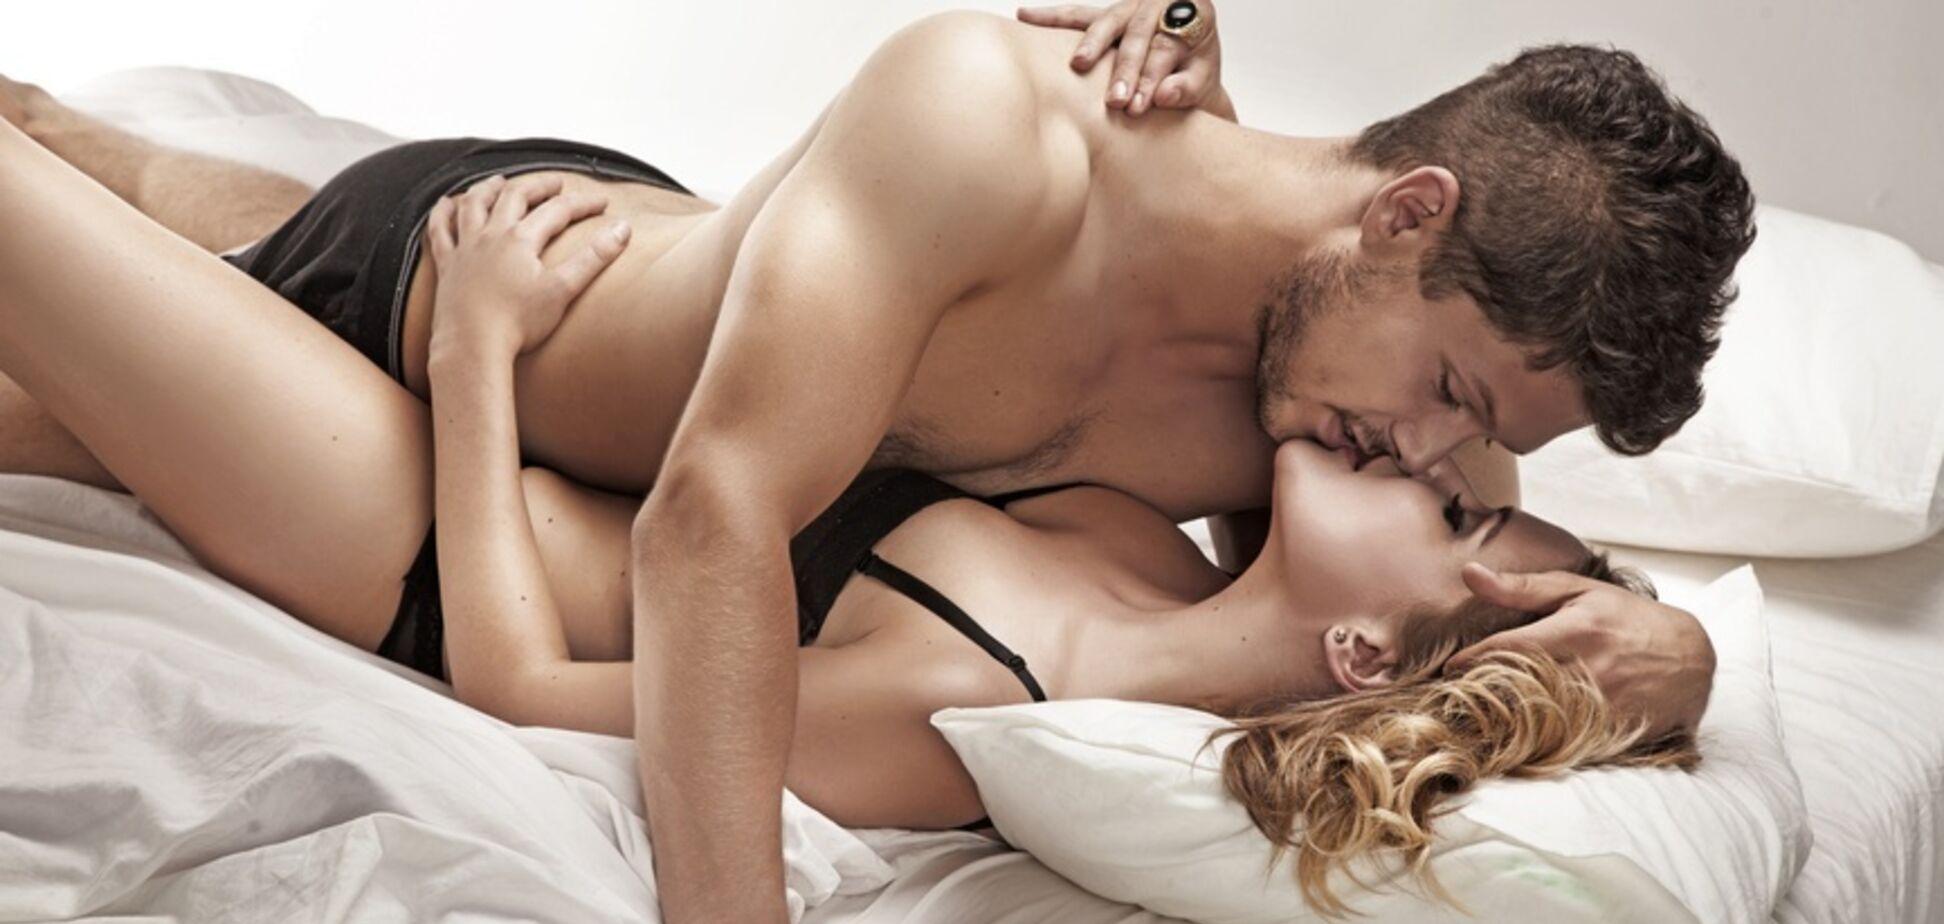 Можно ли похудеть при помощи секса: найден ответ